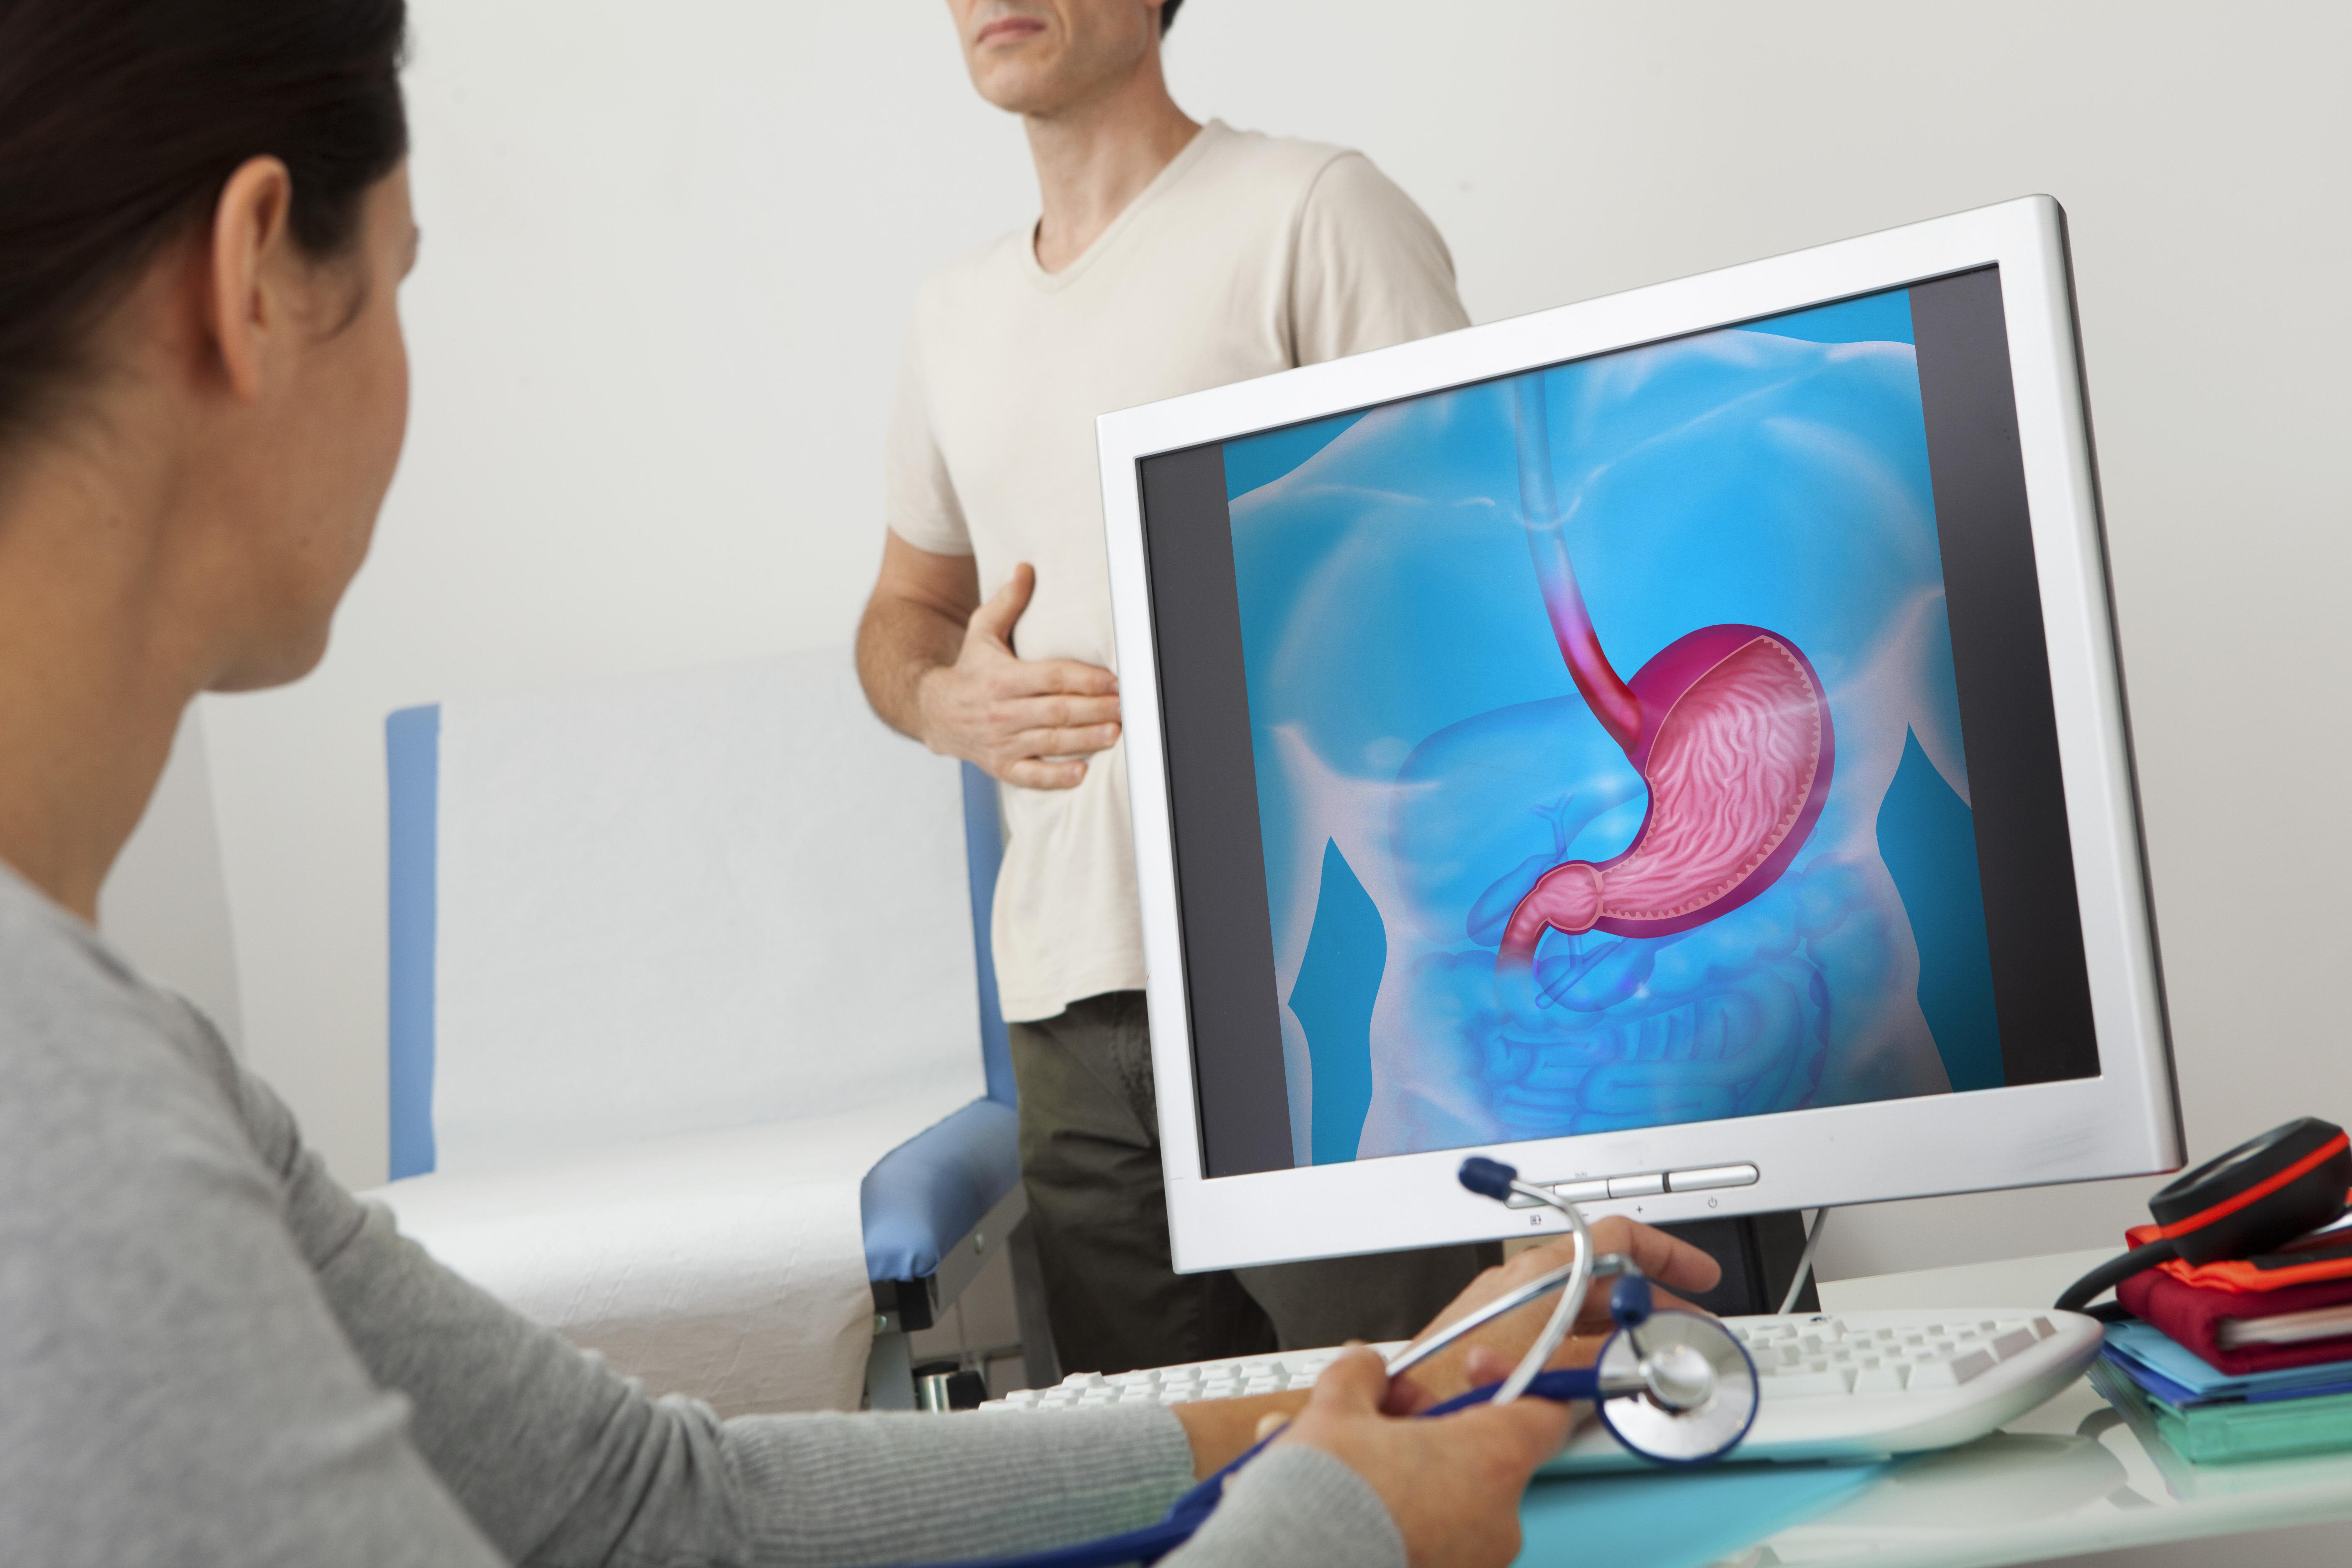 För att diagnostisera avföringsinkontinens kan läkaren använda sig av ett formulär där du fyller i information om symtom, hur ofta läckaget uppstår med mera.